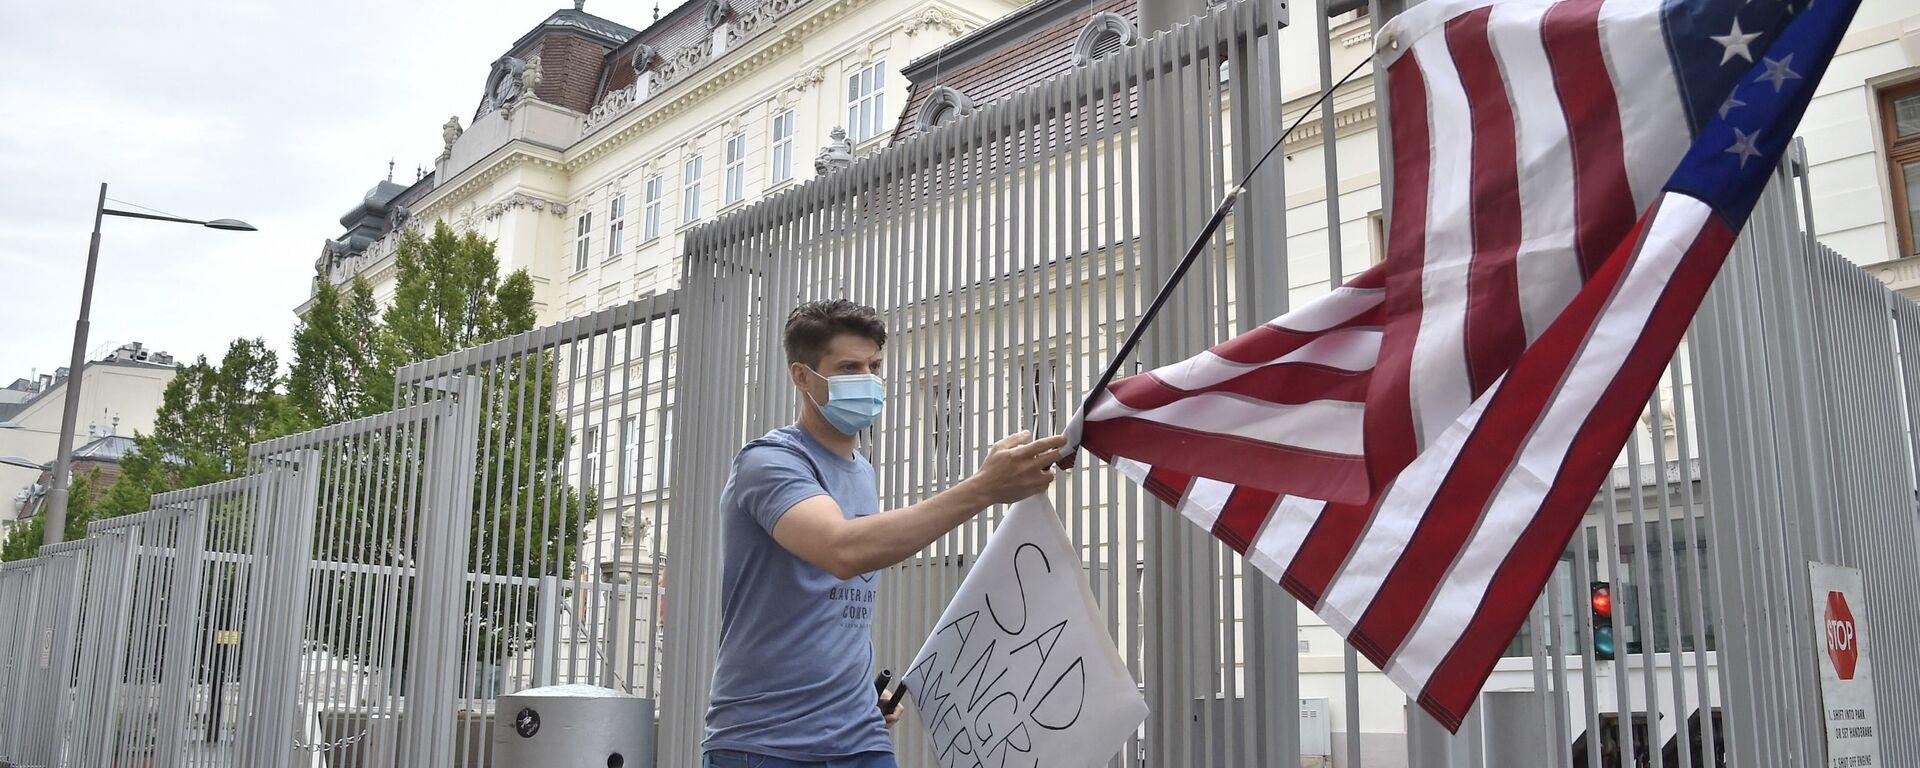 Протестующий сторонник BLM в Вене, Австрия, с флагом США у посольства Соединенных Штатов - Sputnik Грузия, 1920, 21.07.2021